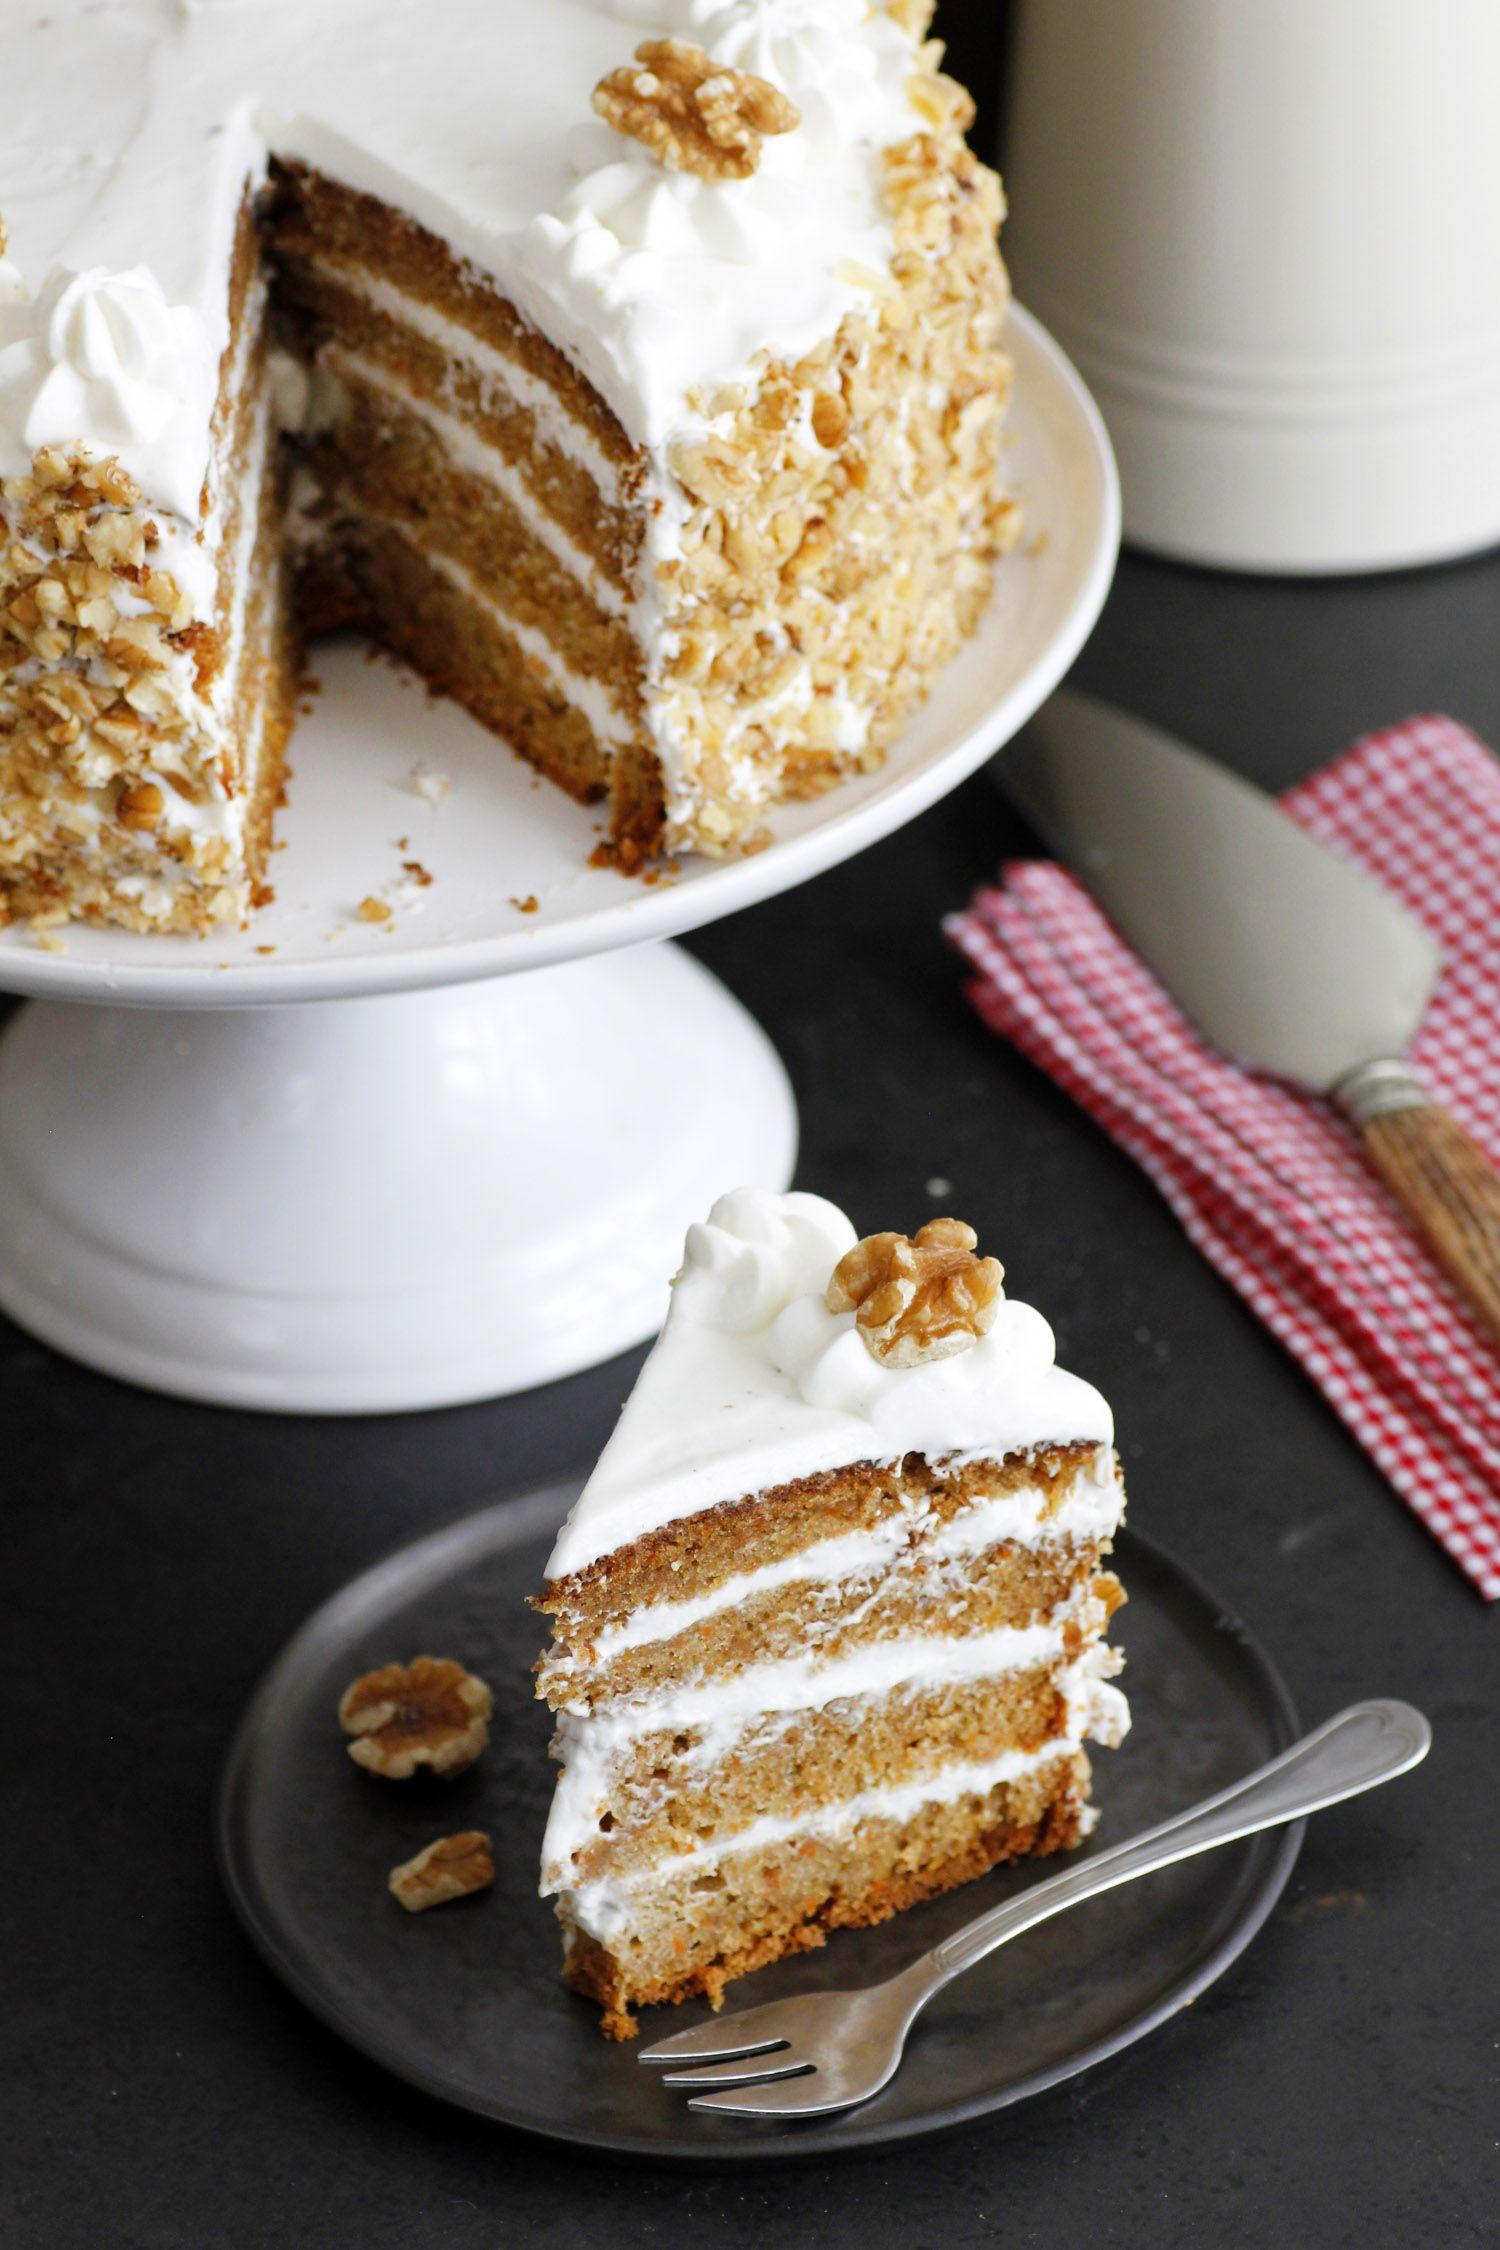 עוגת גזר וגבינת שמנת